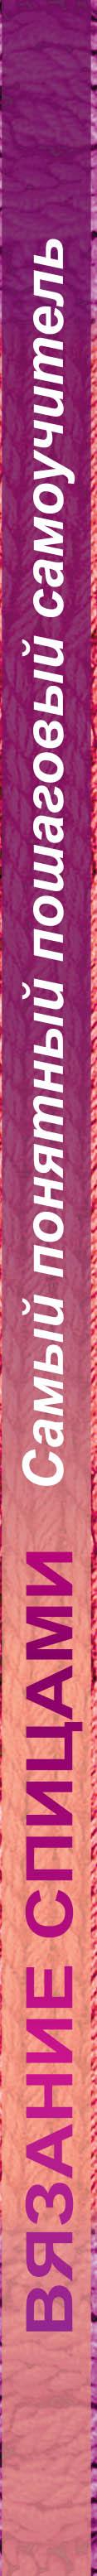 Вязание спицами. Более 2000 иллюстраций. Самый понятный пошаговый самоучитель